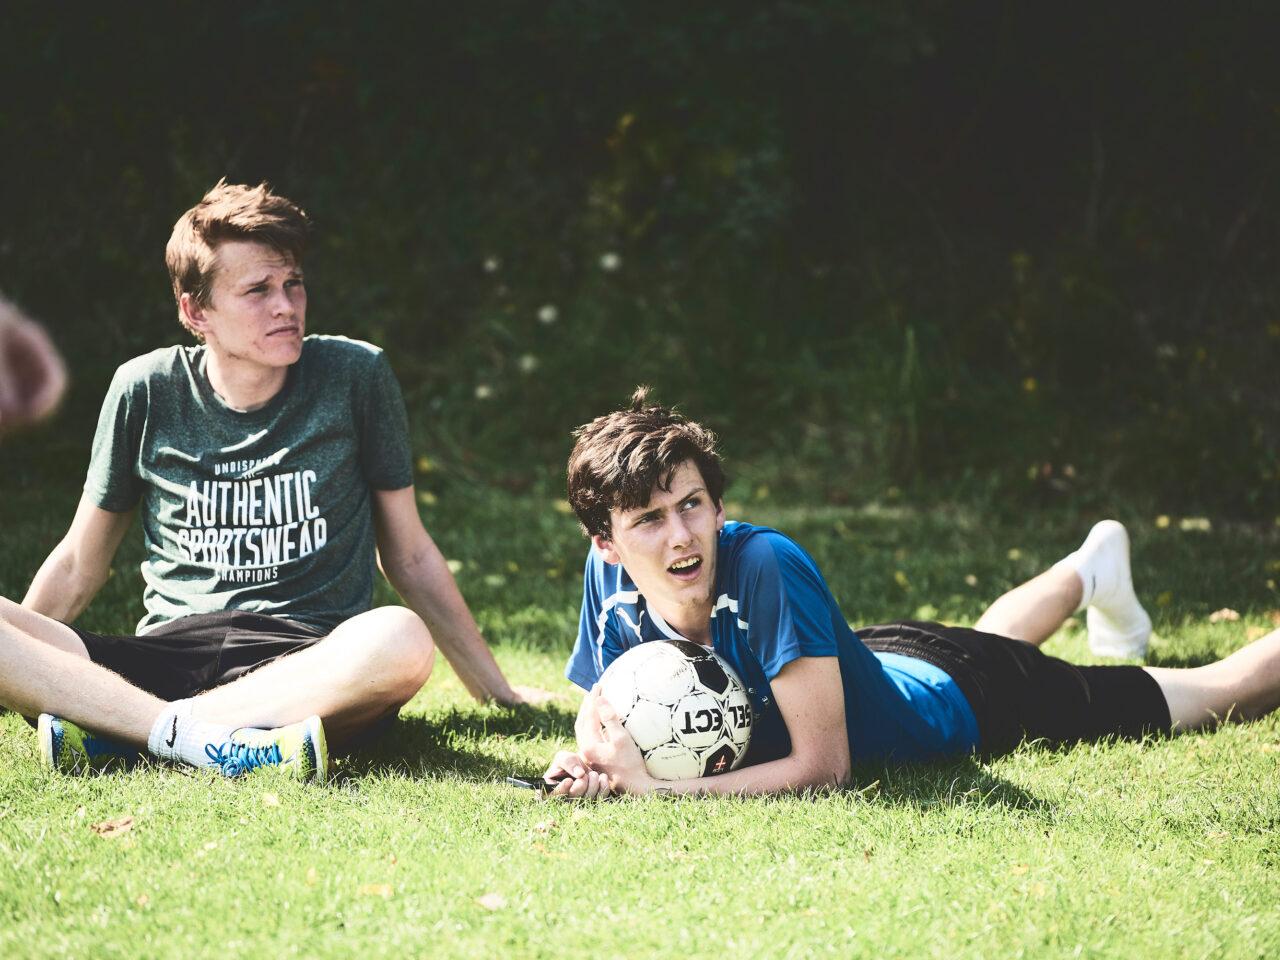 Afslapning på græsset efter en idrætstime